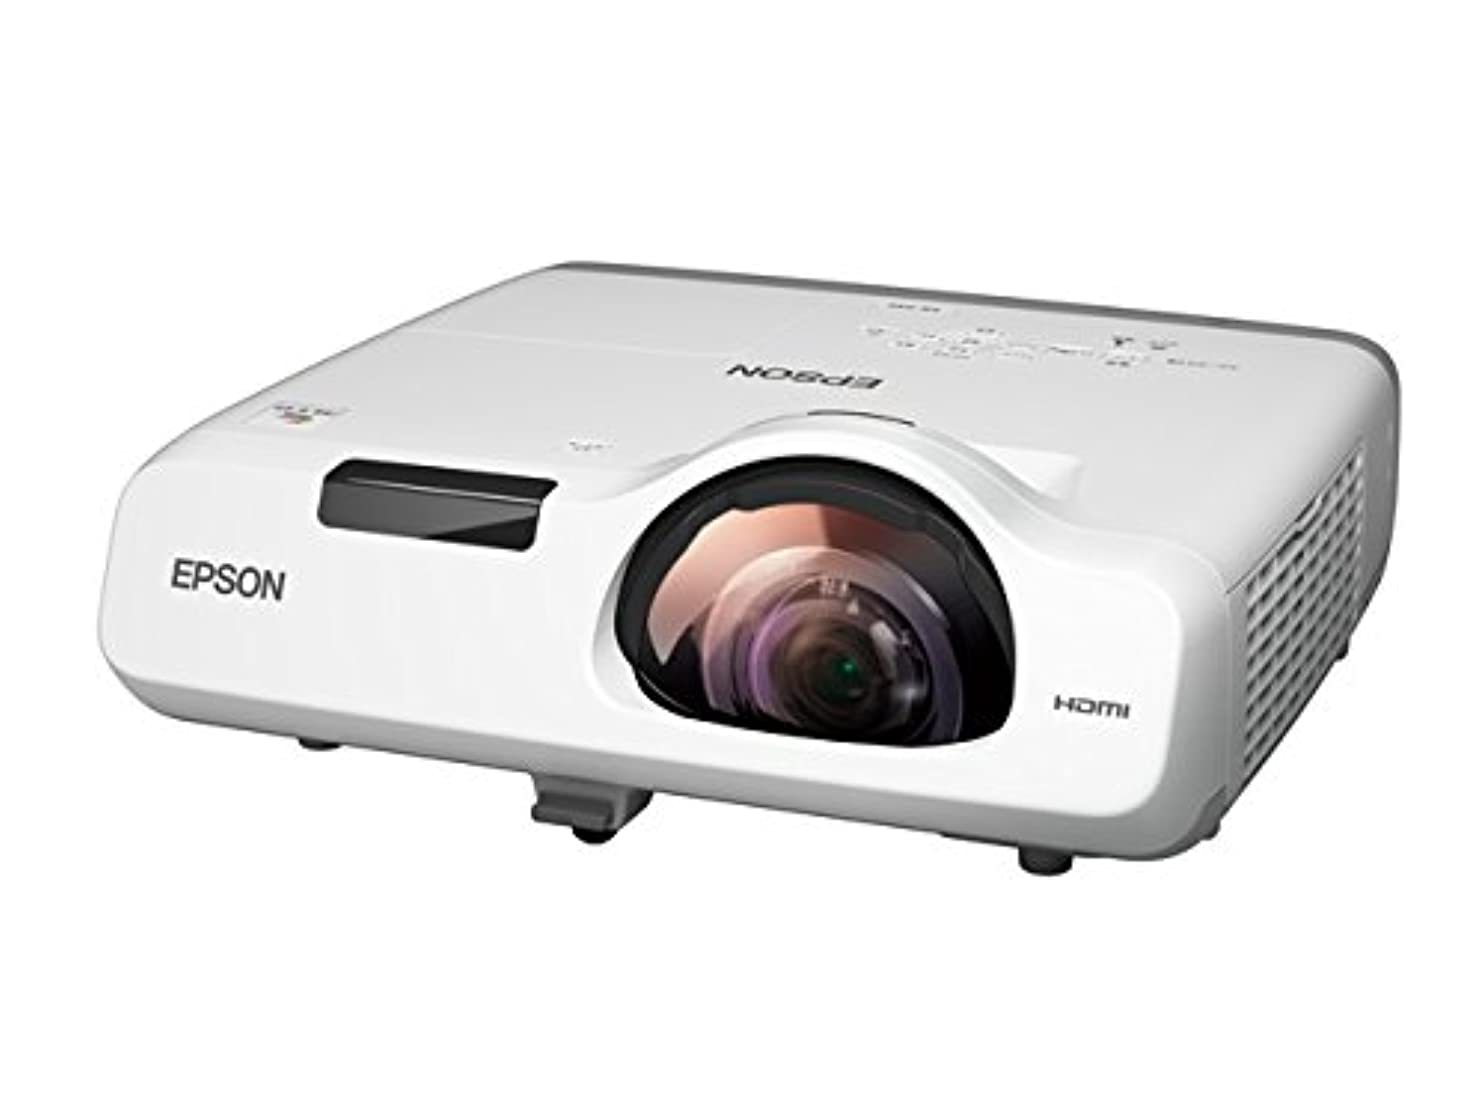 光電星脅迫エプソン プロジェクター EB-530 (3200lm/XGA/3.7kg/デスクトップ型超短焦点)